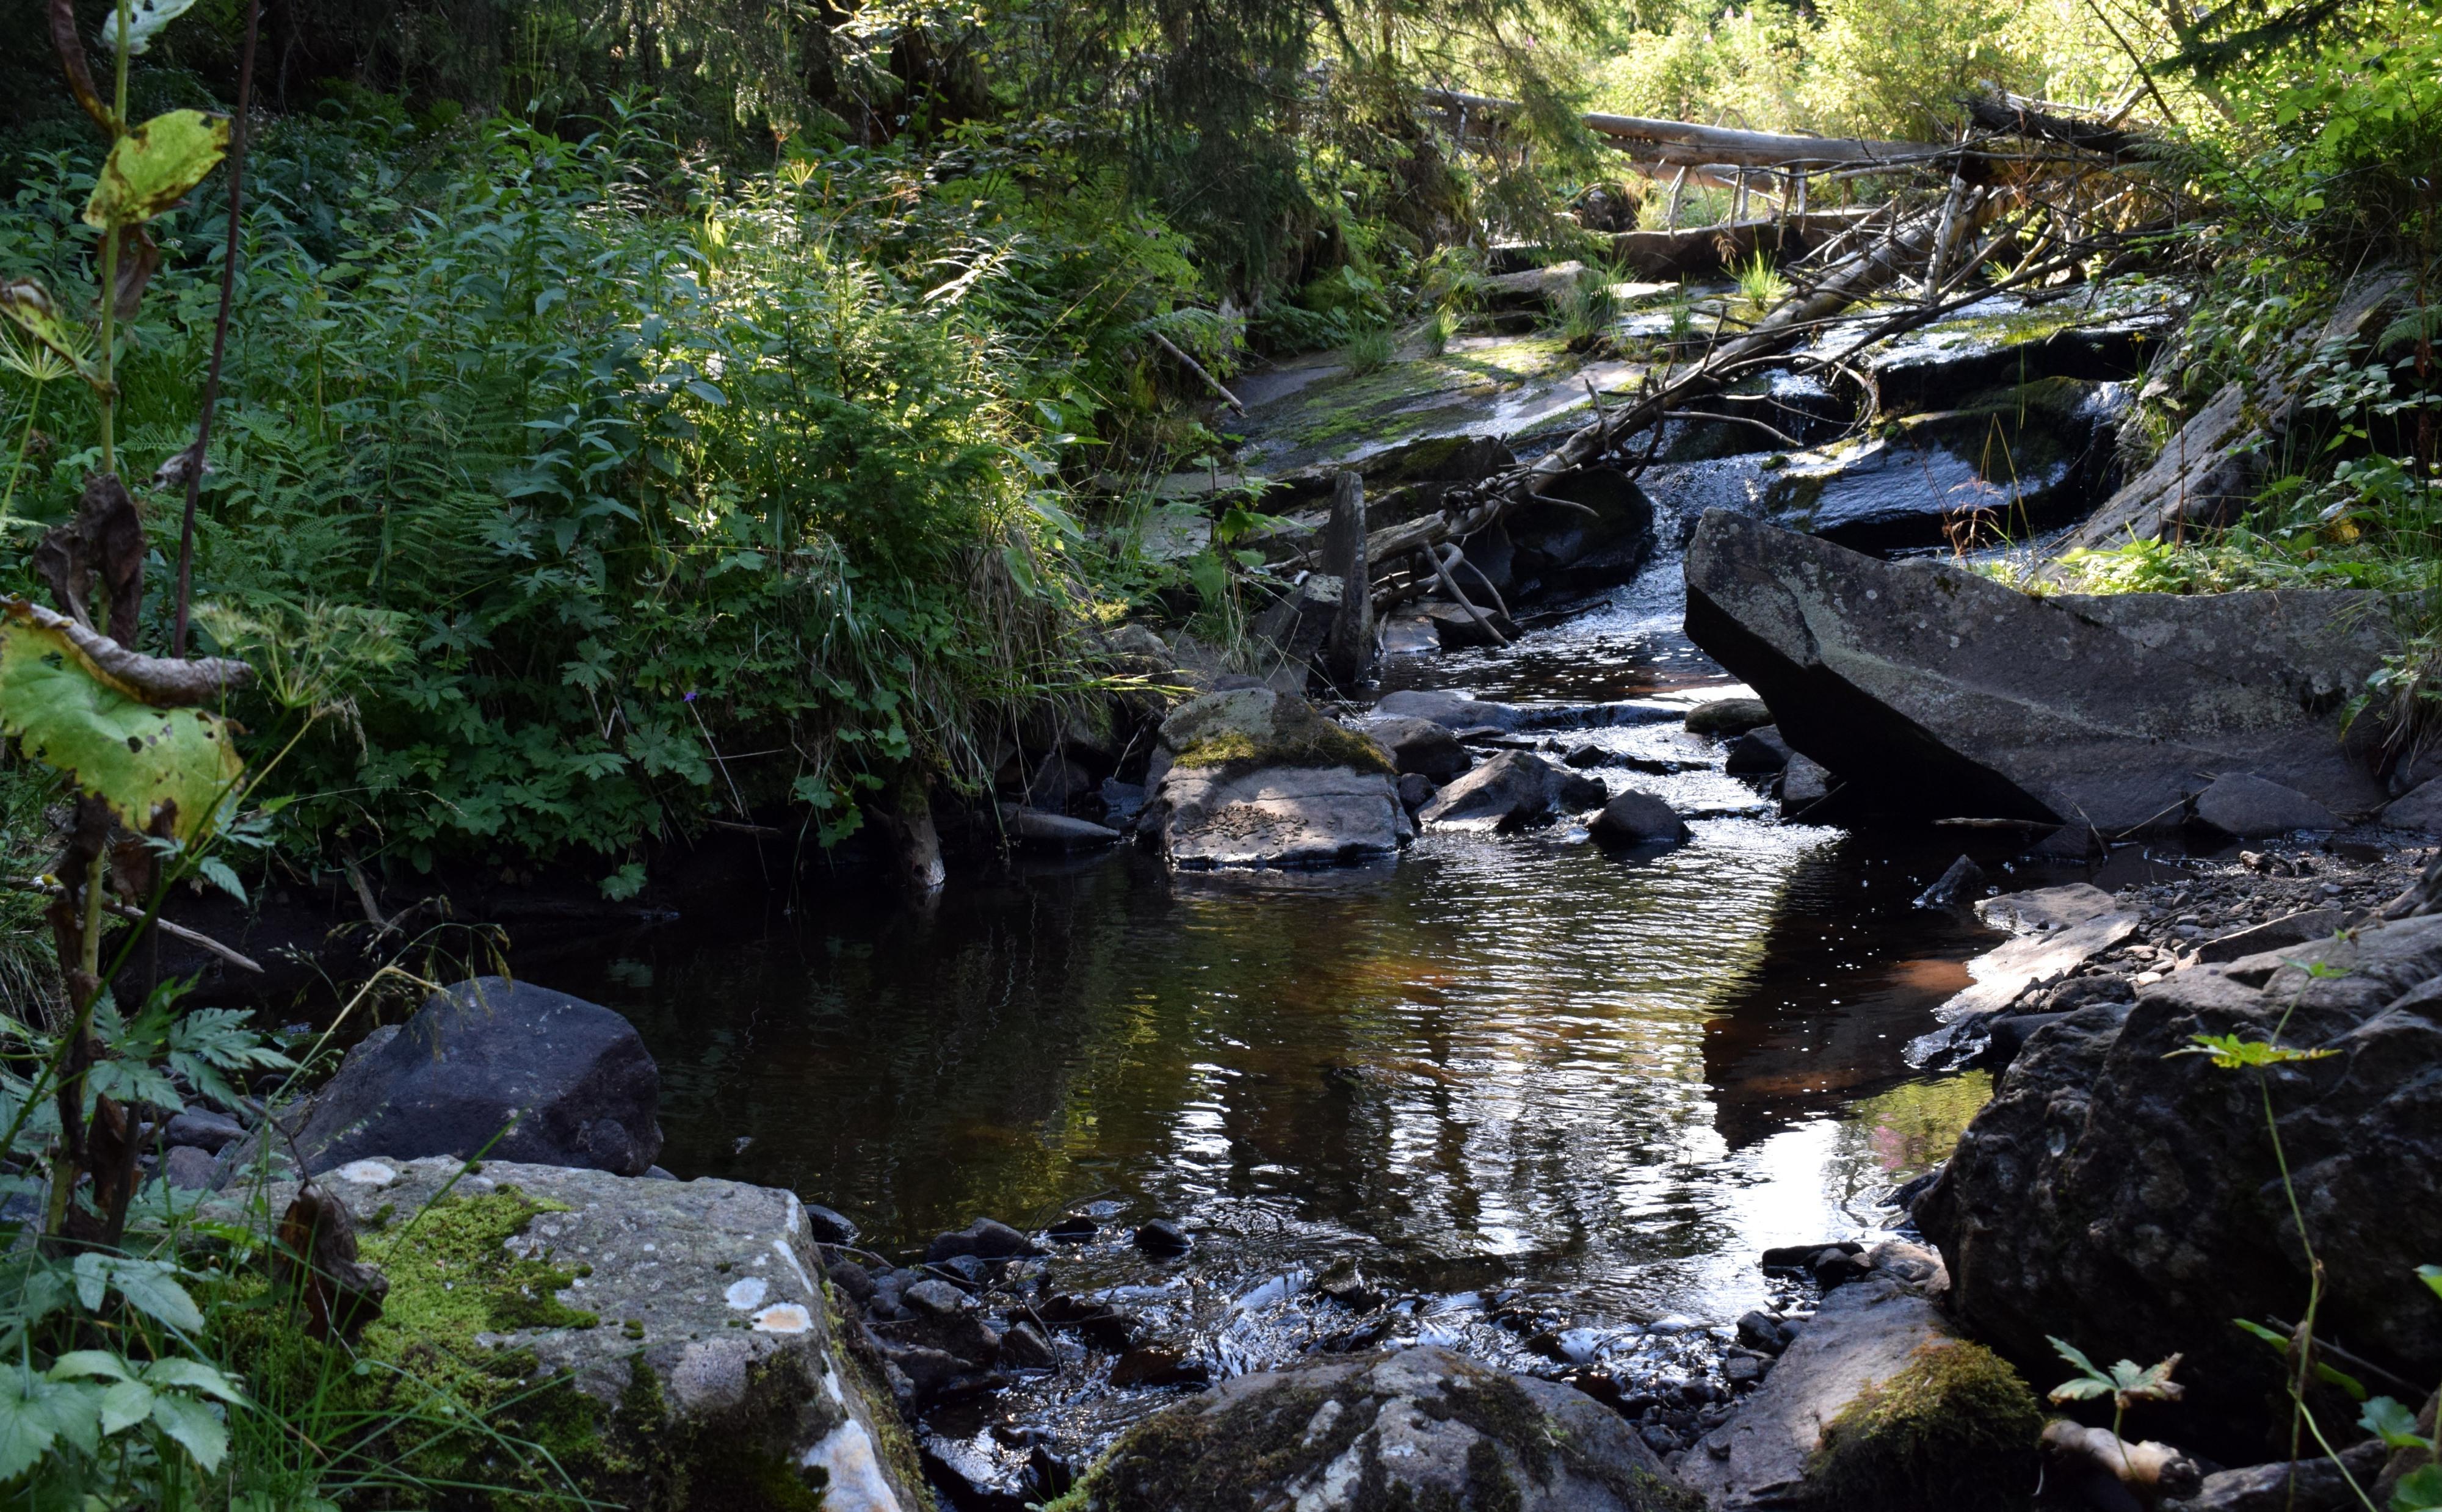 A patakban is amelyikből a vízesés lesz rengeteg kisebb, nagyobb kő található. Így sok helyen szűkül, vagy tó alakul ki.